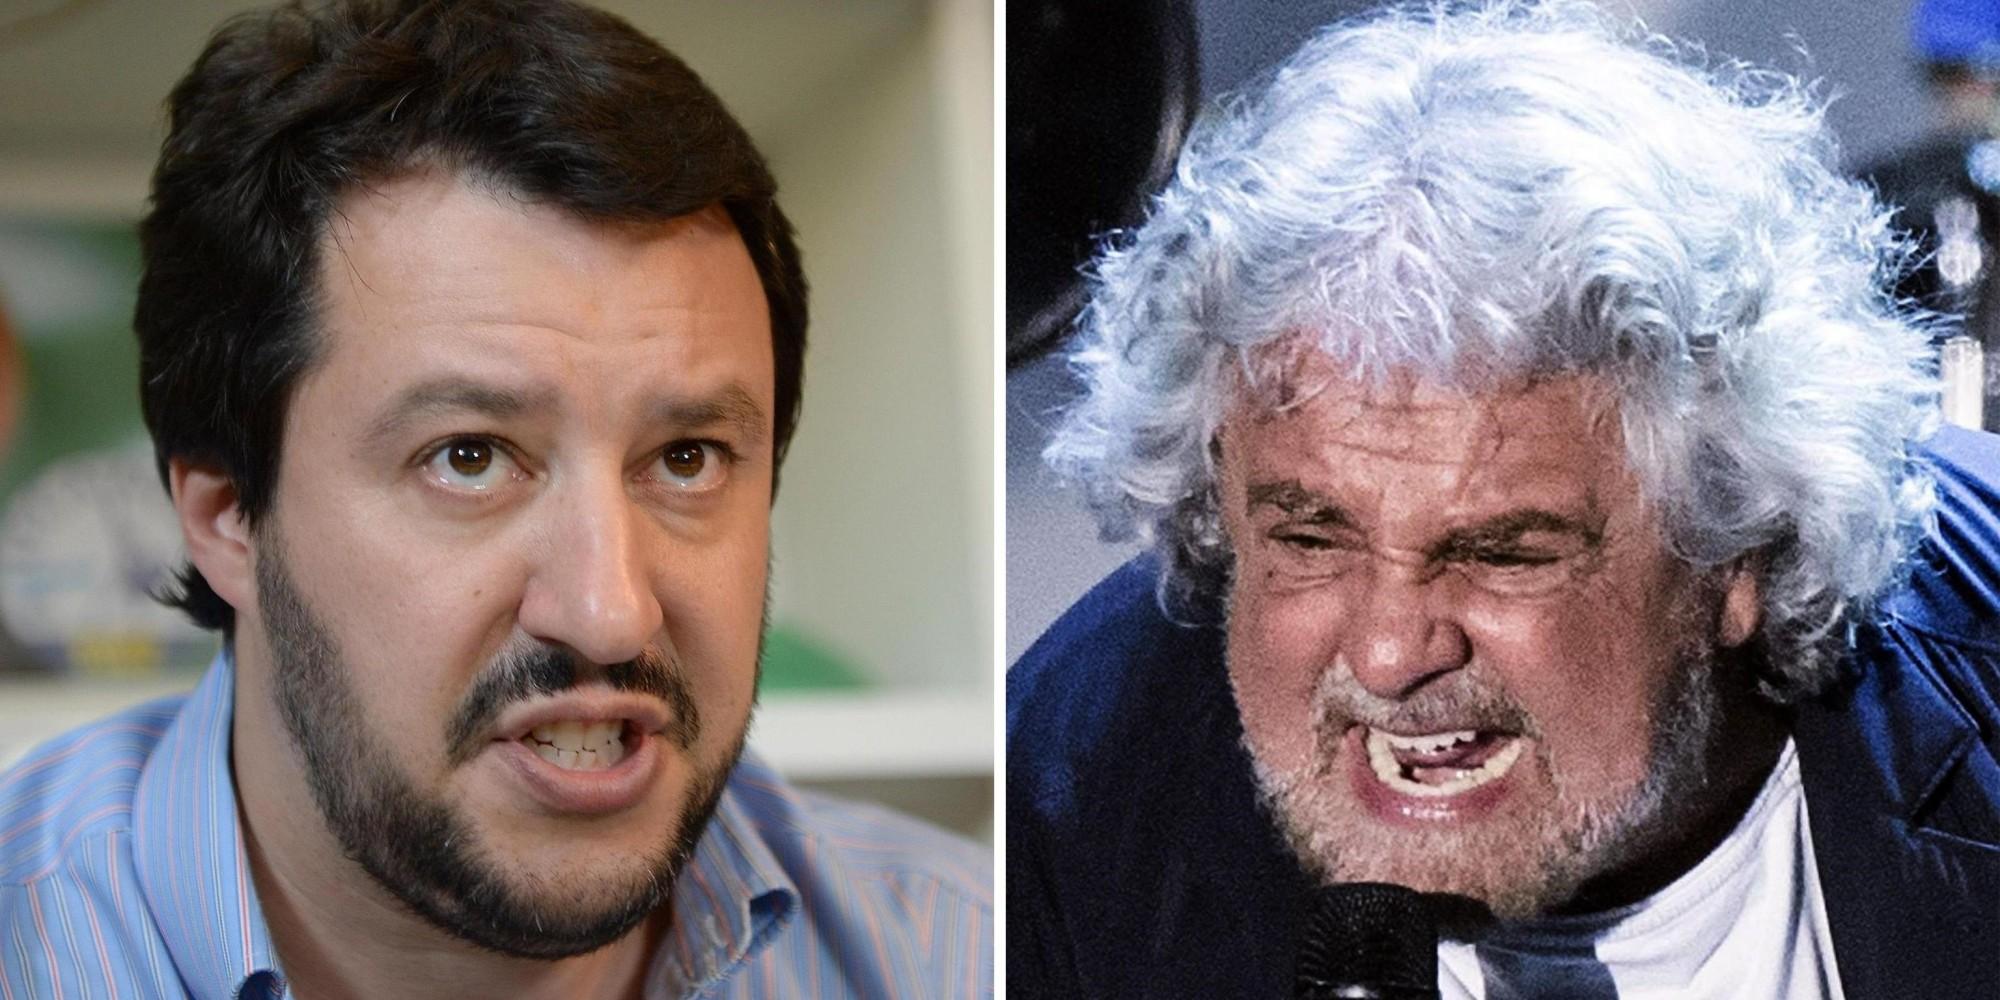 Chi segue da anni la geopolitica non sarà sorpreso del'alleanza Grillo - Salvini nel nome di Putin